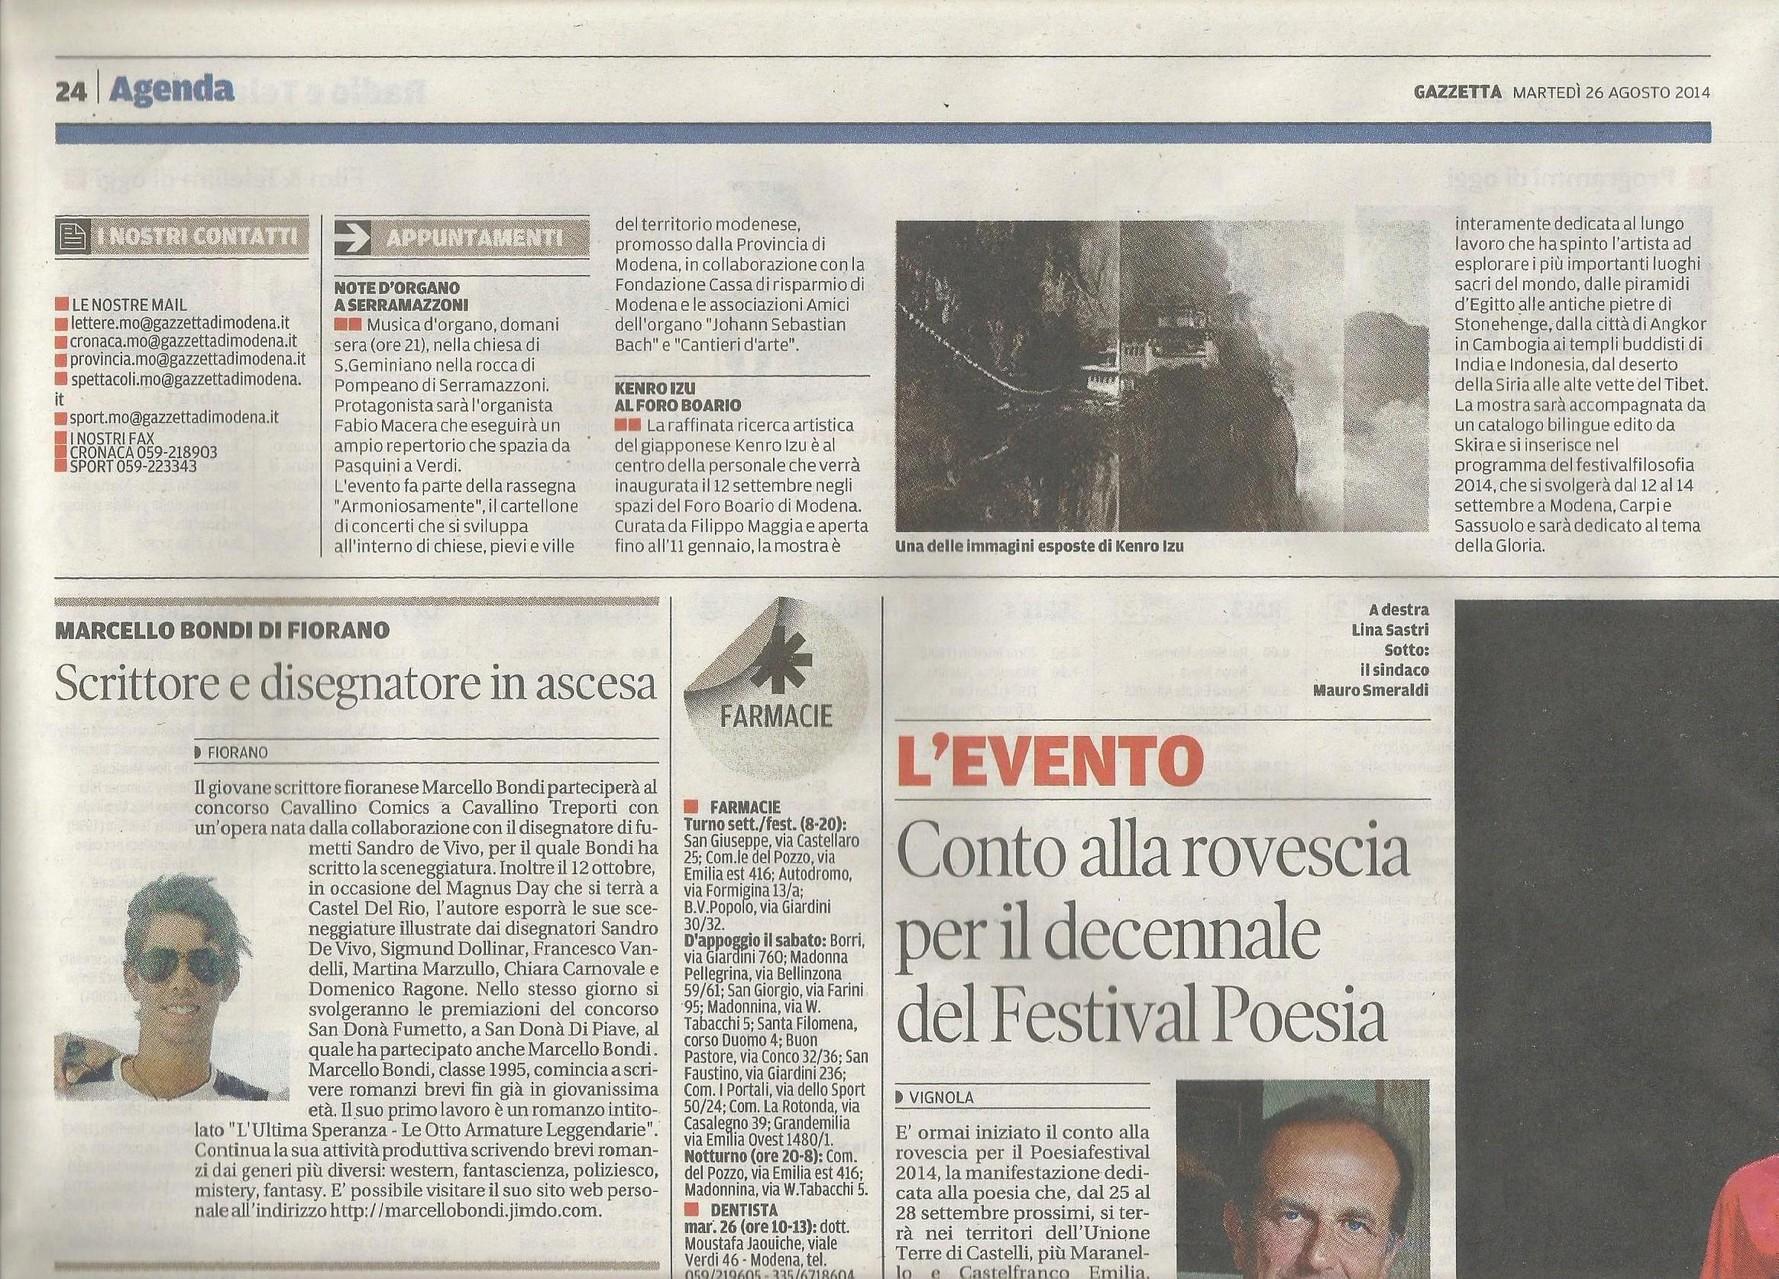 26 Agosto 2014 - Gazzetta Di Modena